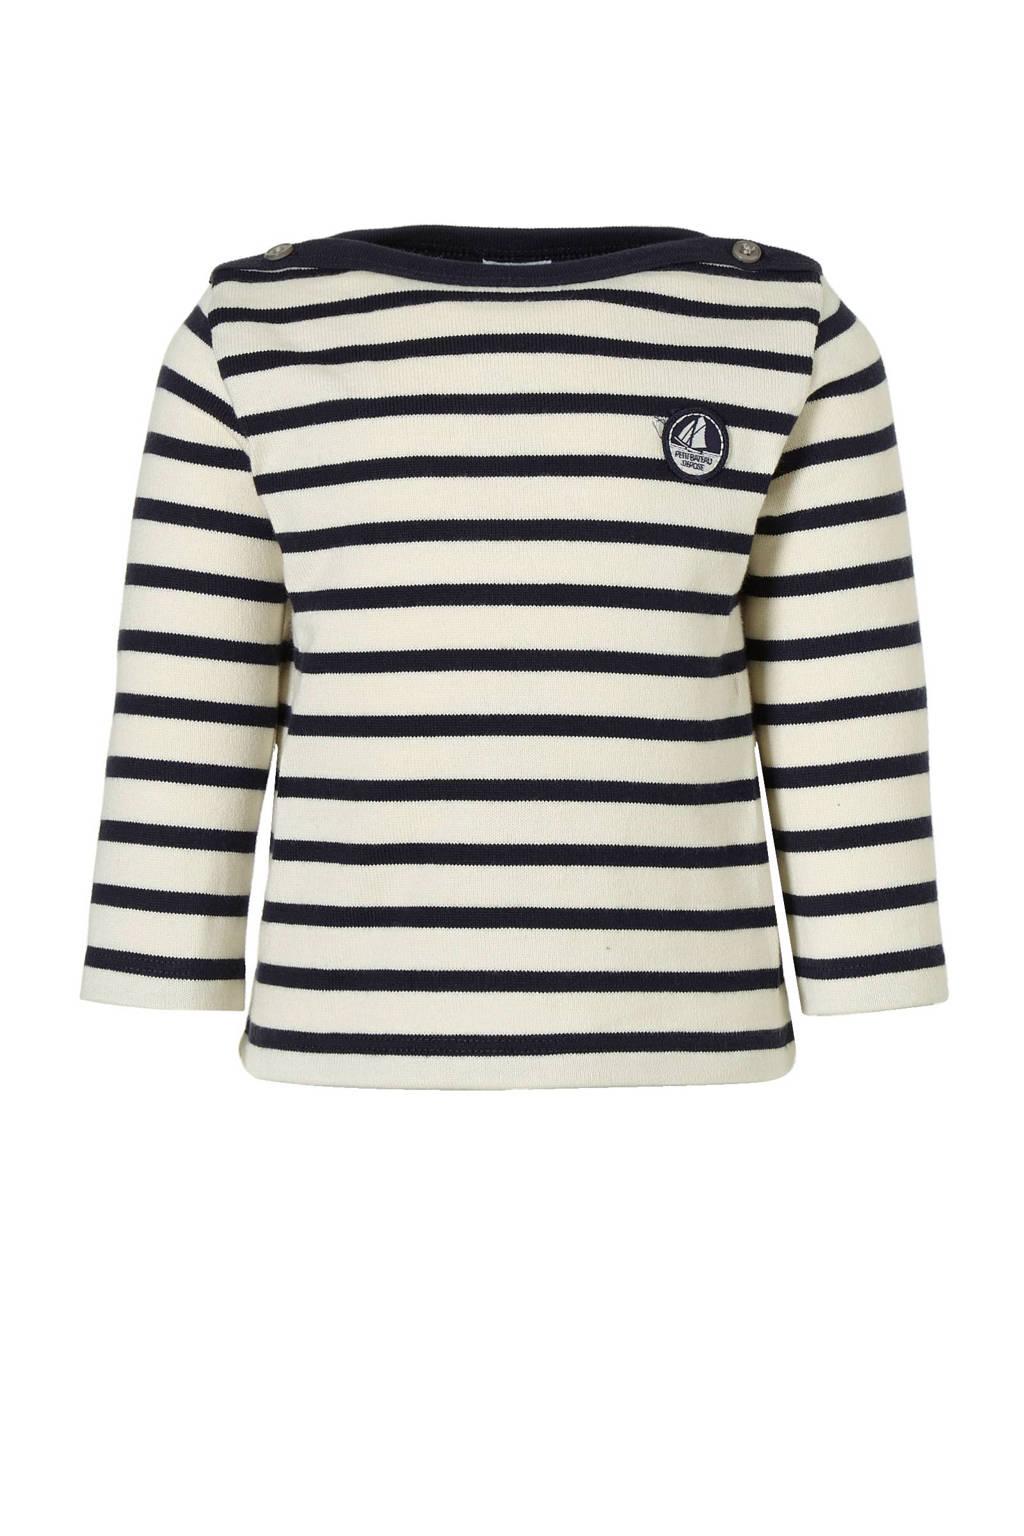 Petit Bateau katoenen trui, Wit/marineblauw